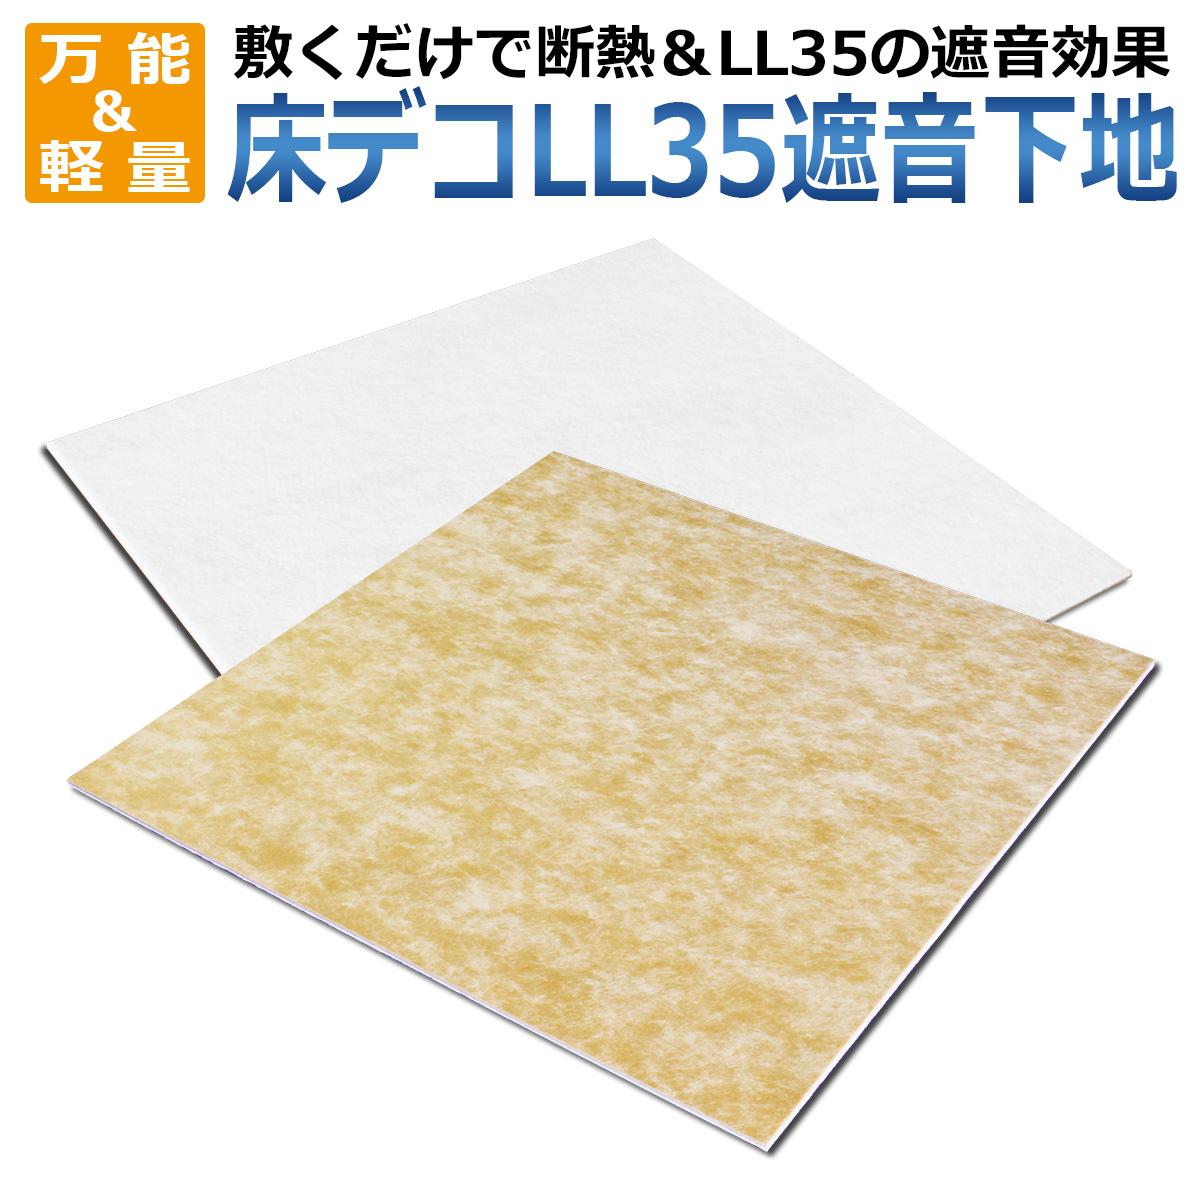 遮音等級LL35,LL40,LL45に対応 床デコLL35遮音下地材